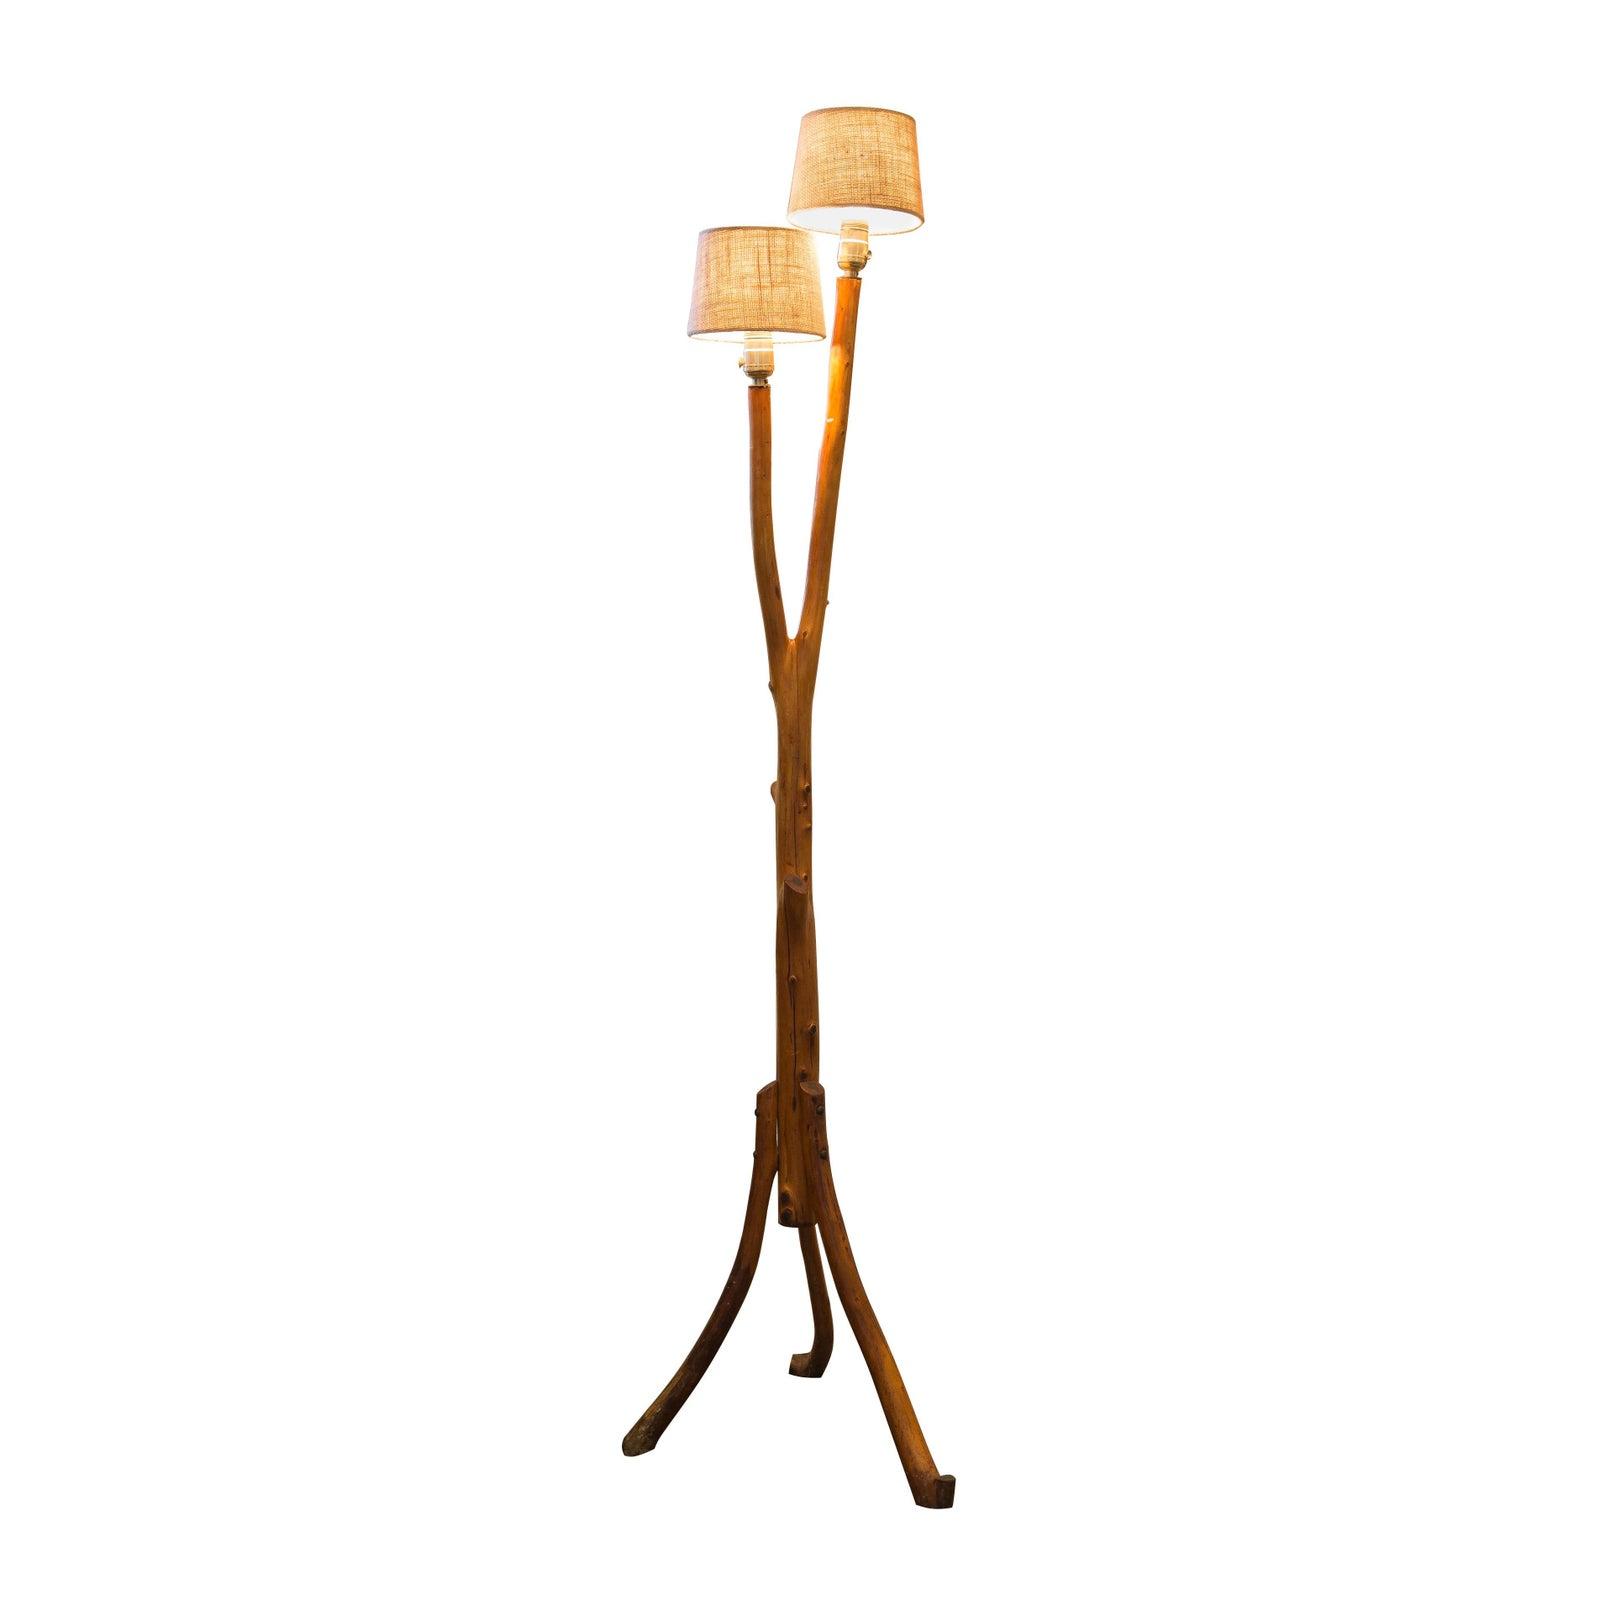 Vintage Folk Art Tree Branch Floor Lamp